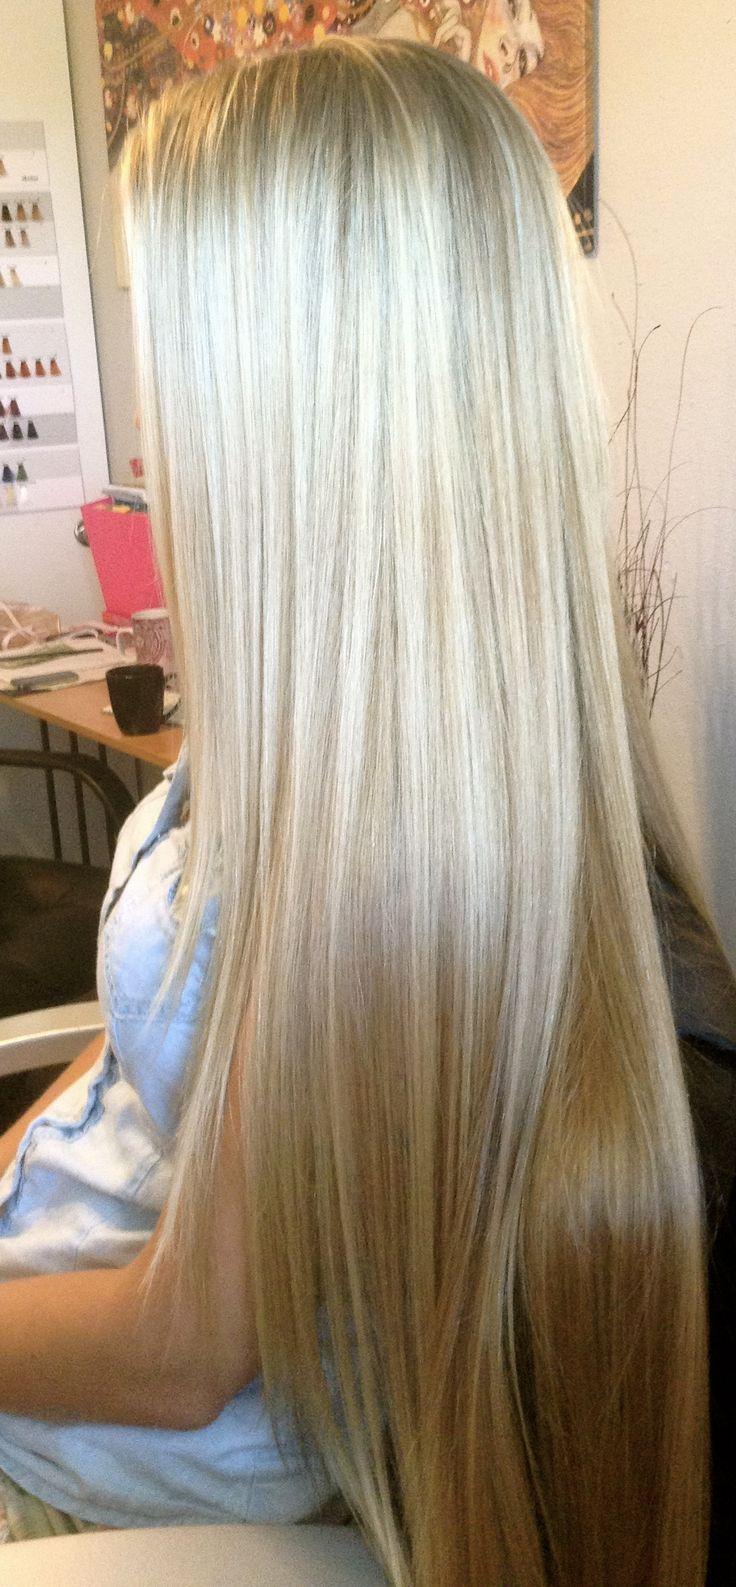 Pretty long blonde hair